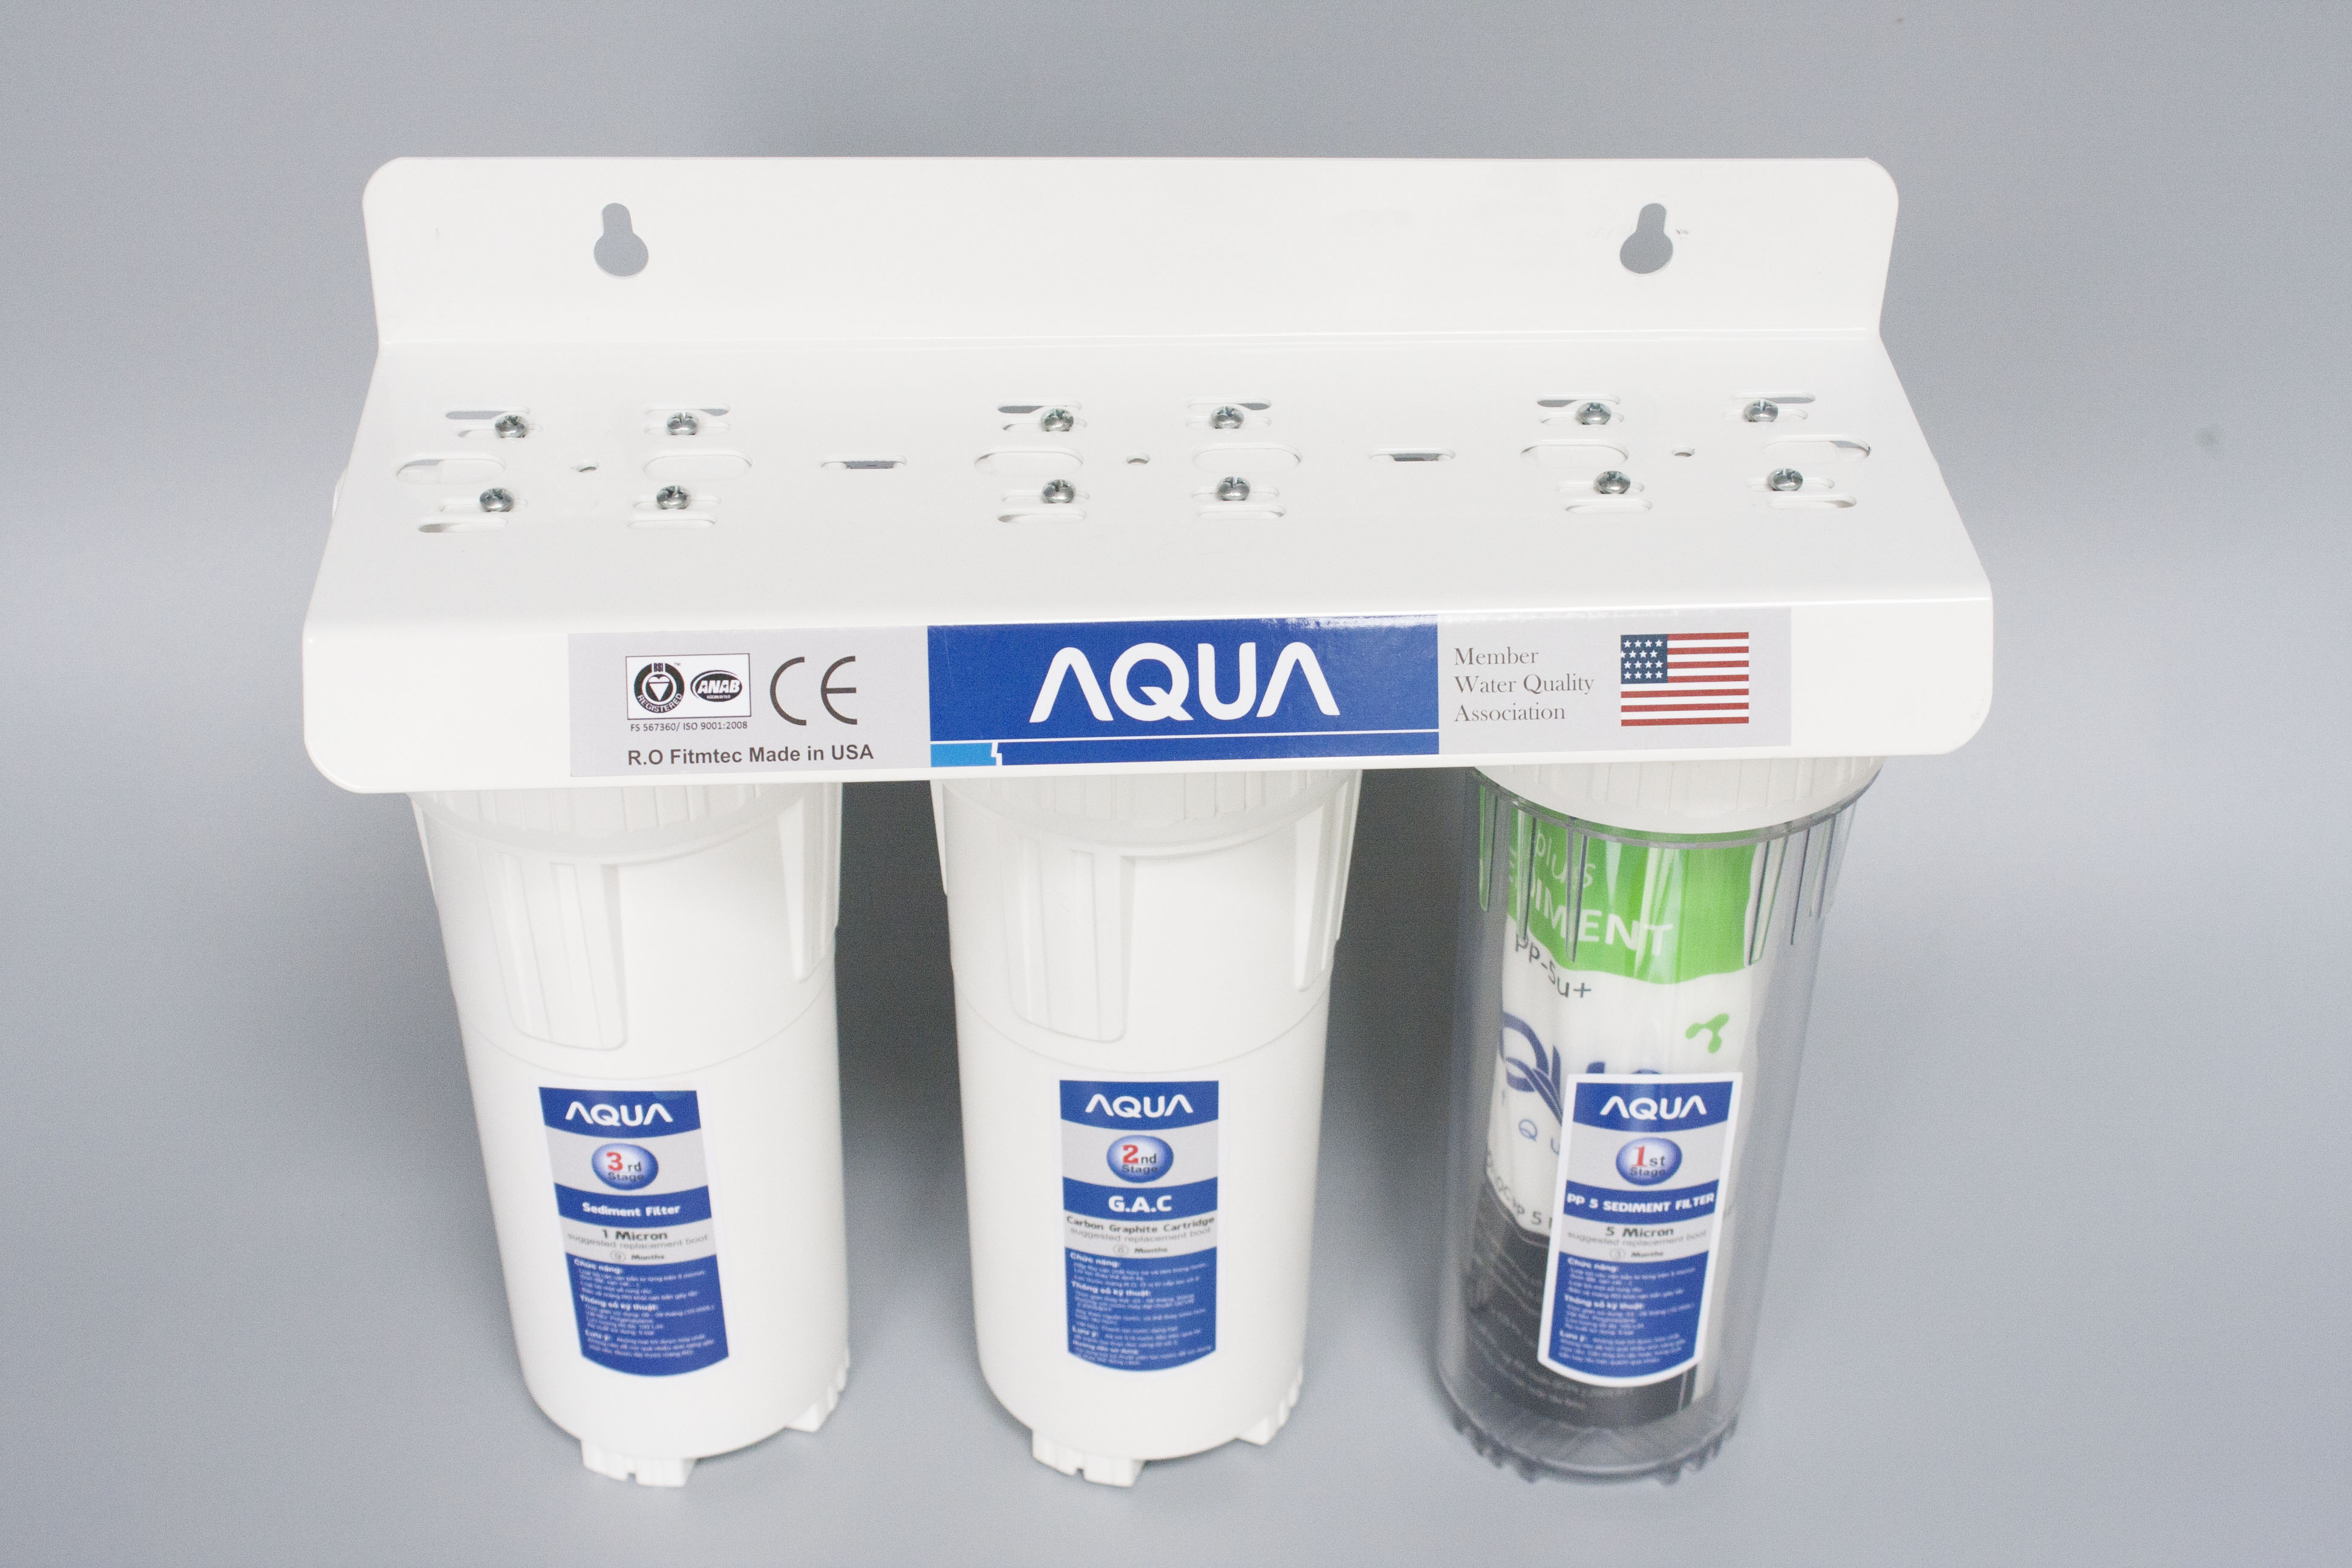 Bộ lọc thô 3 cấp 10in – lọc rửa chén, bát, rau củ